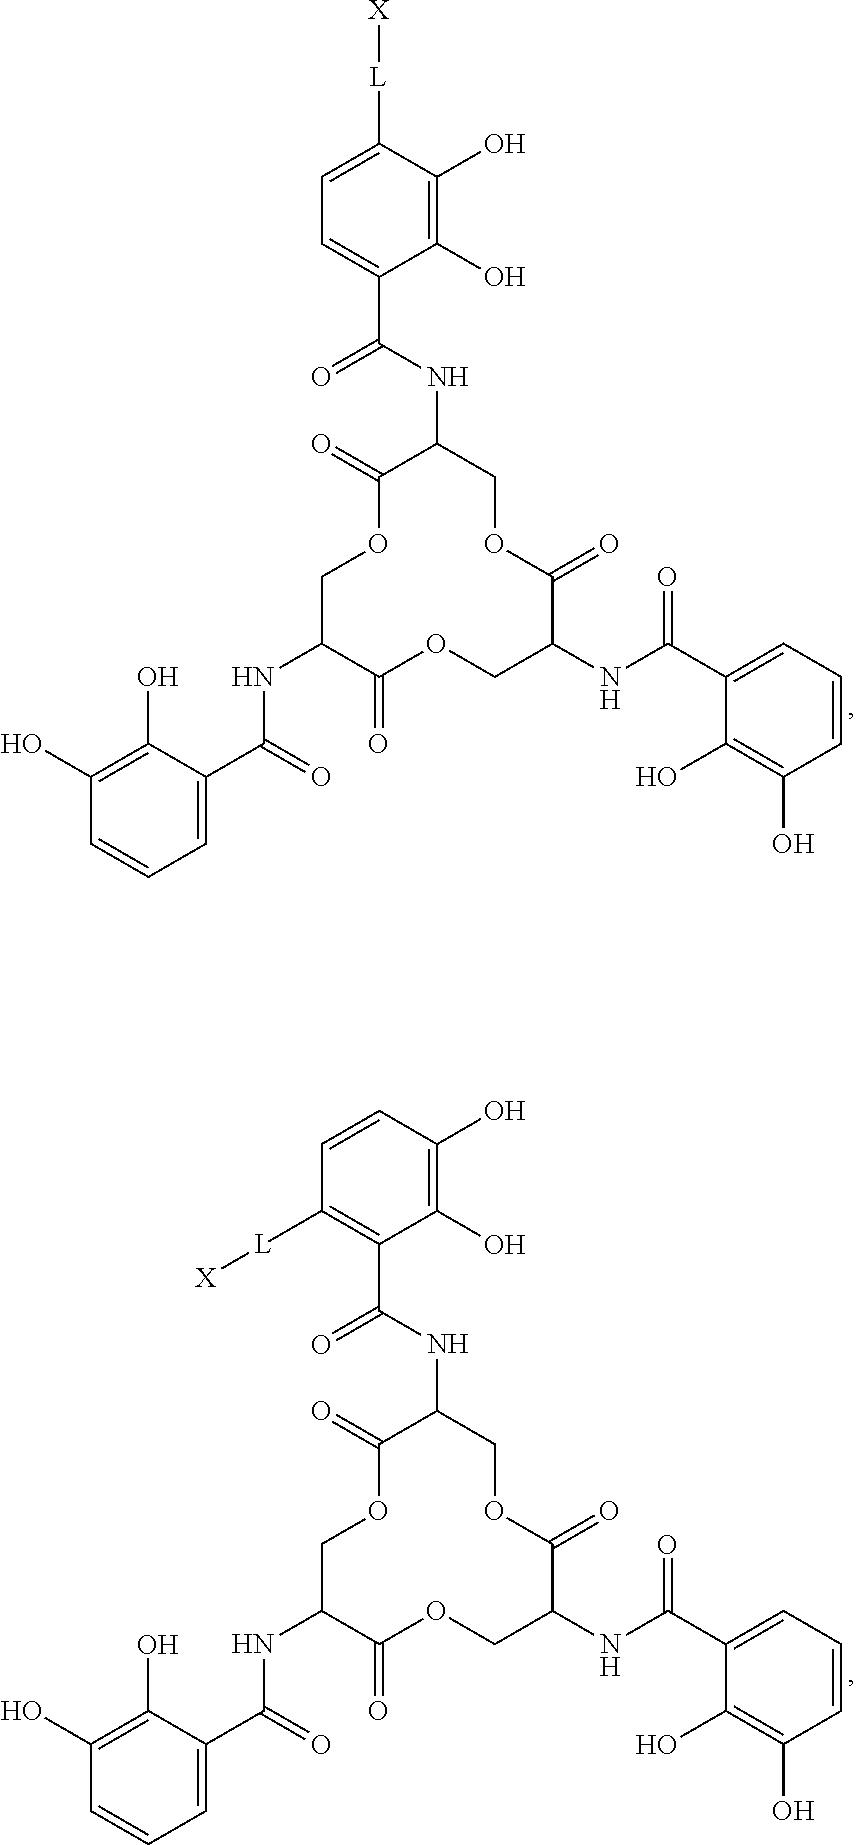 Figure US09902986-20180227-C00033